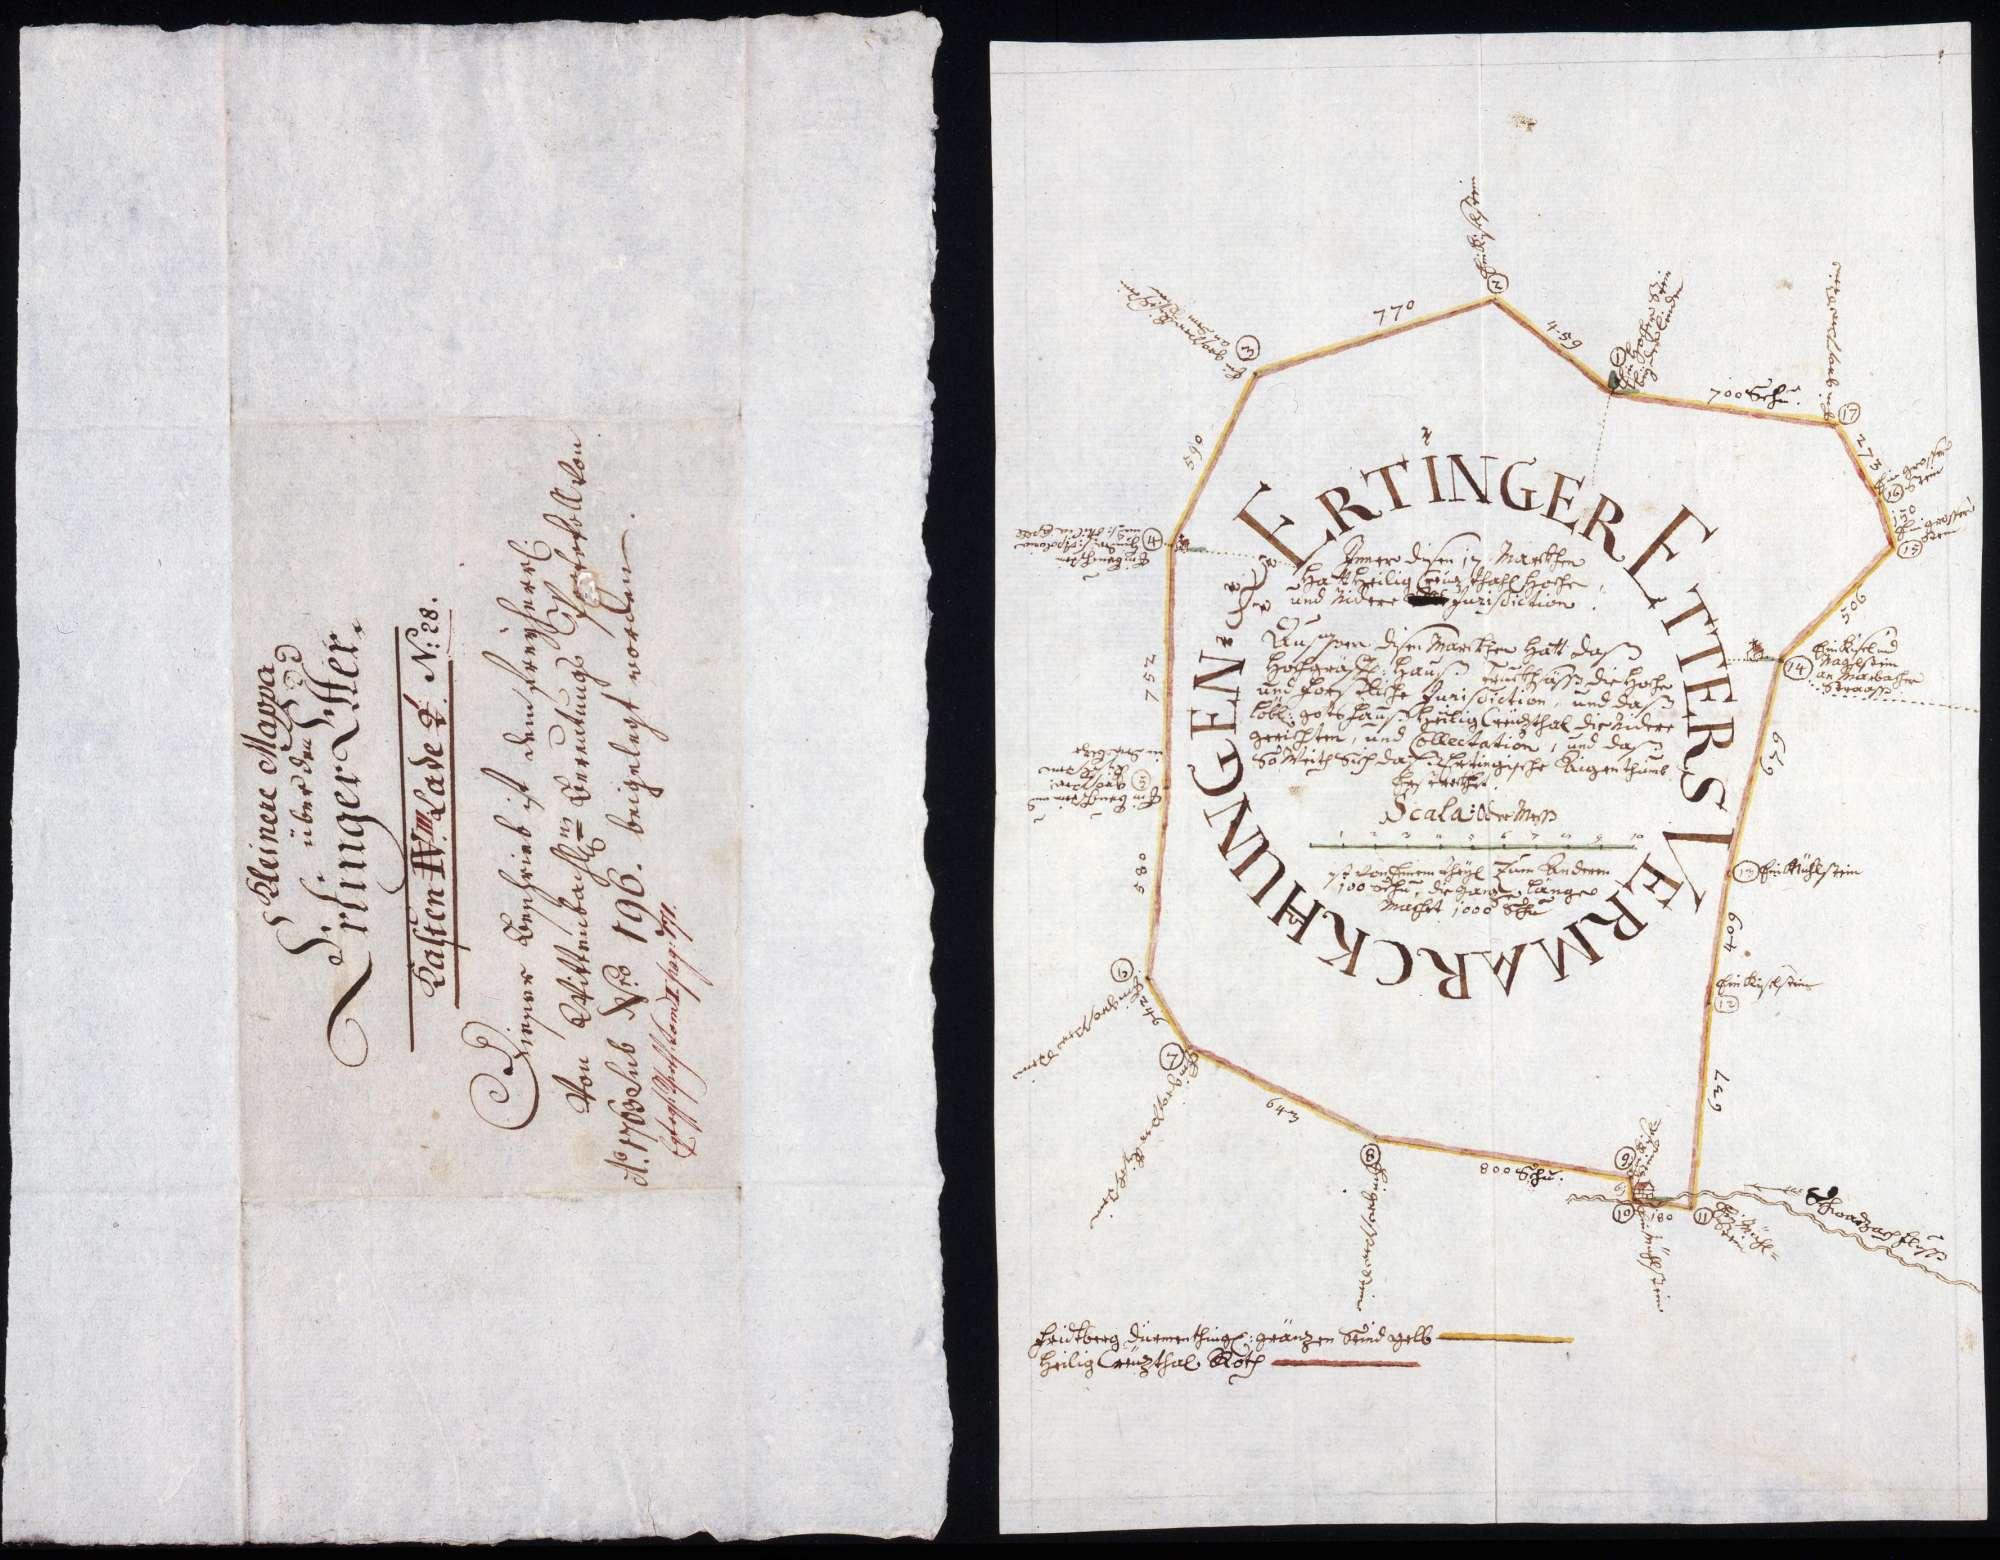 Jurisdiktions- und Forstmarken des Ertinger Etters mit Kloster Heiligkreuztal, Bild 1